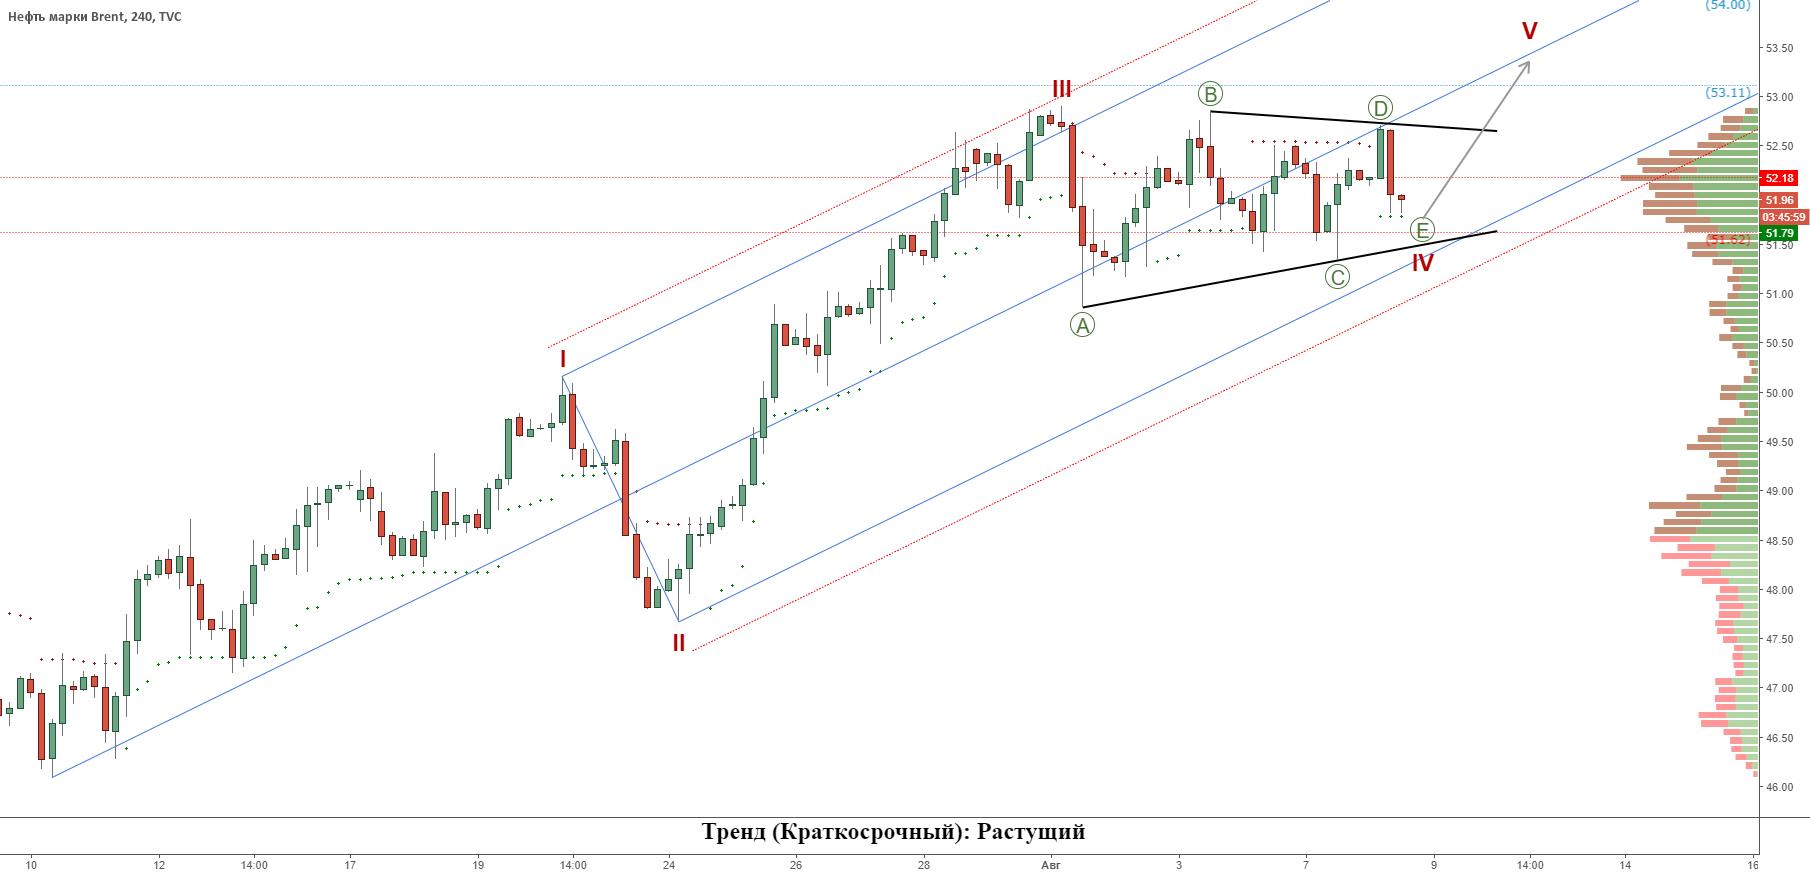 Нефть (Brent): Заключительная волна роста